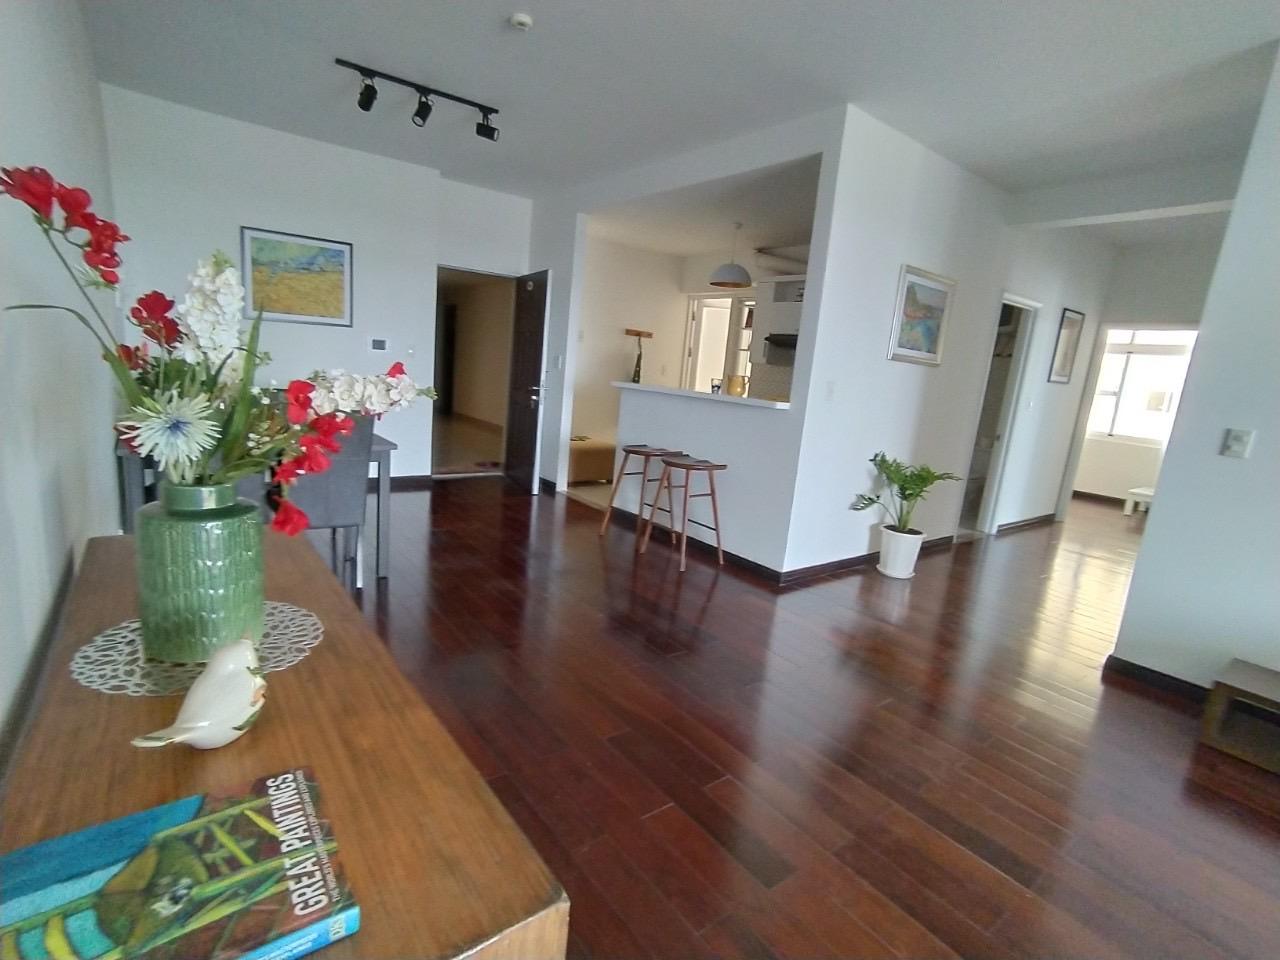 Bán căn hộ Green View Phú Mỹ Hưng 3PN nhà đẹp giá tốt nhất 2020 CAN HO GREEN VIEW 3PN 82020 1 1